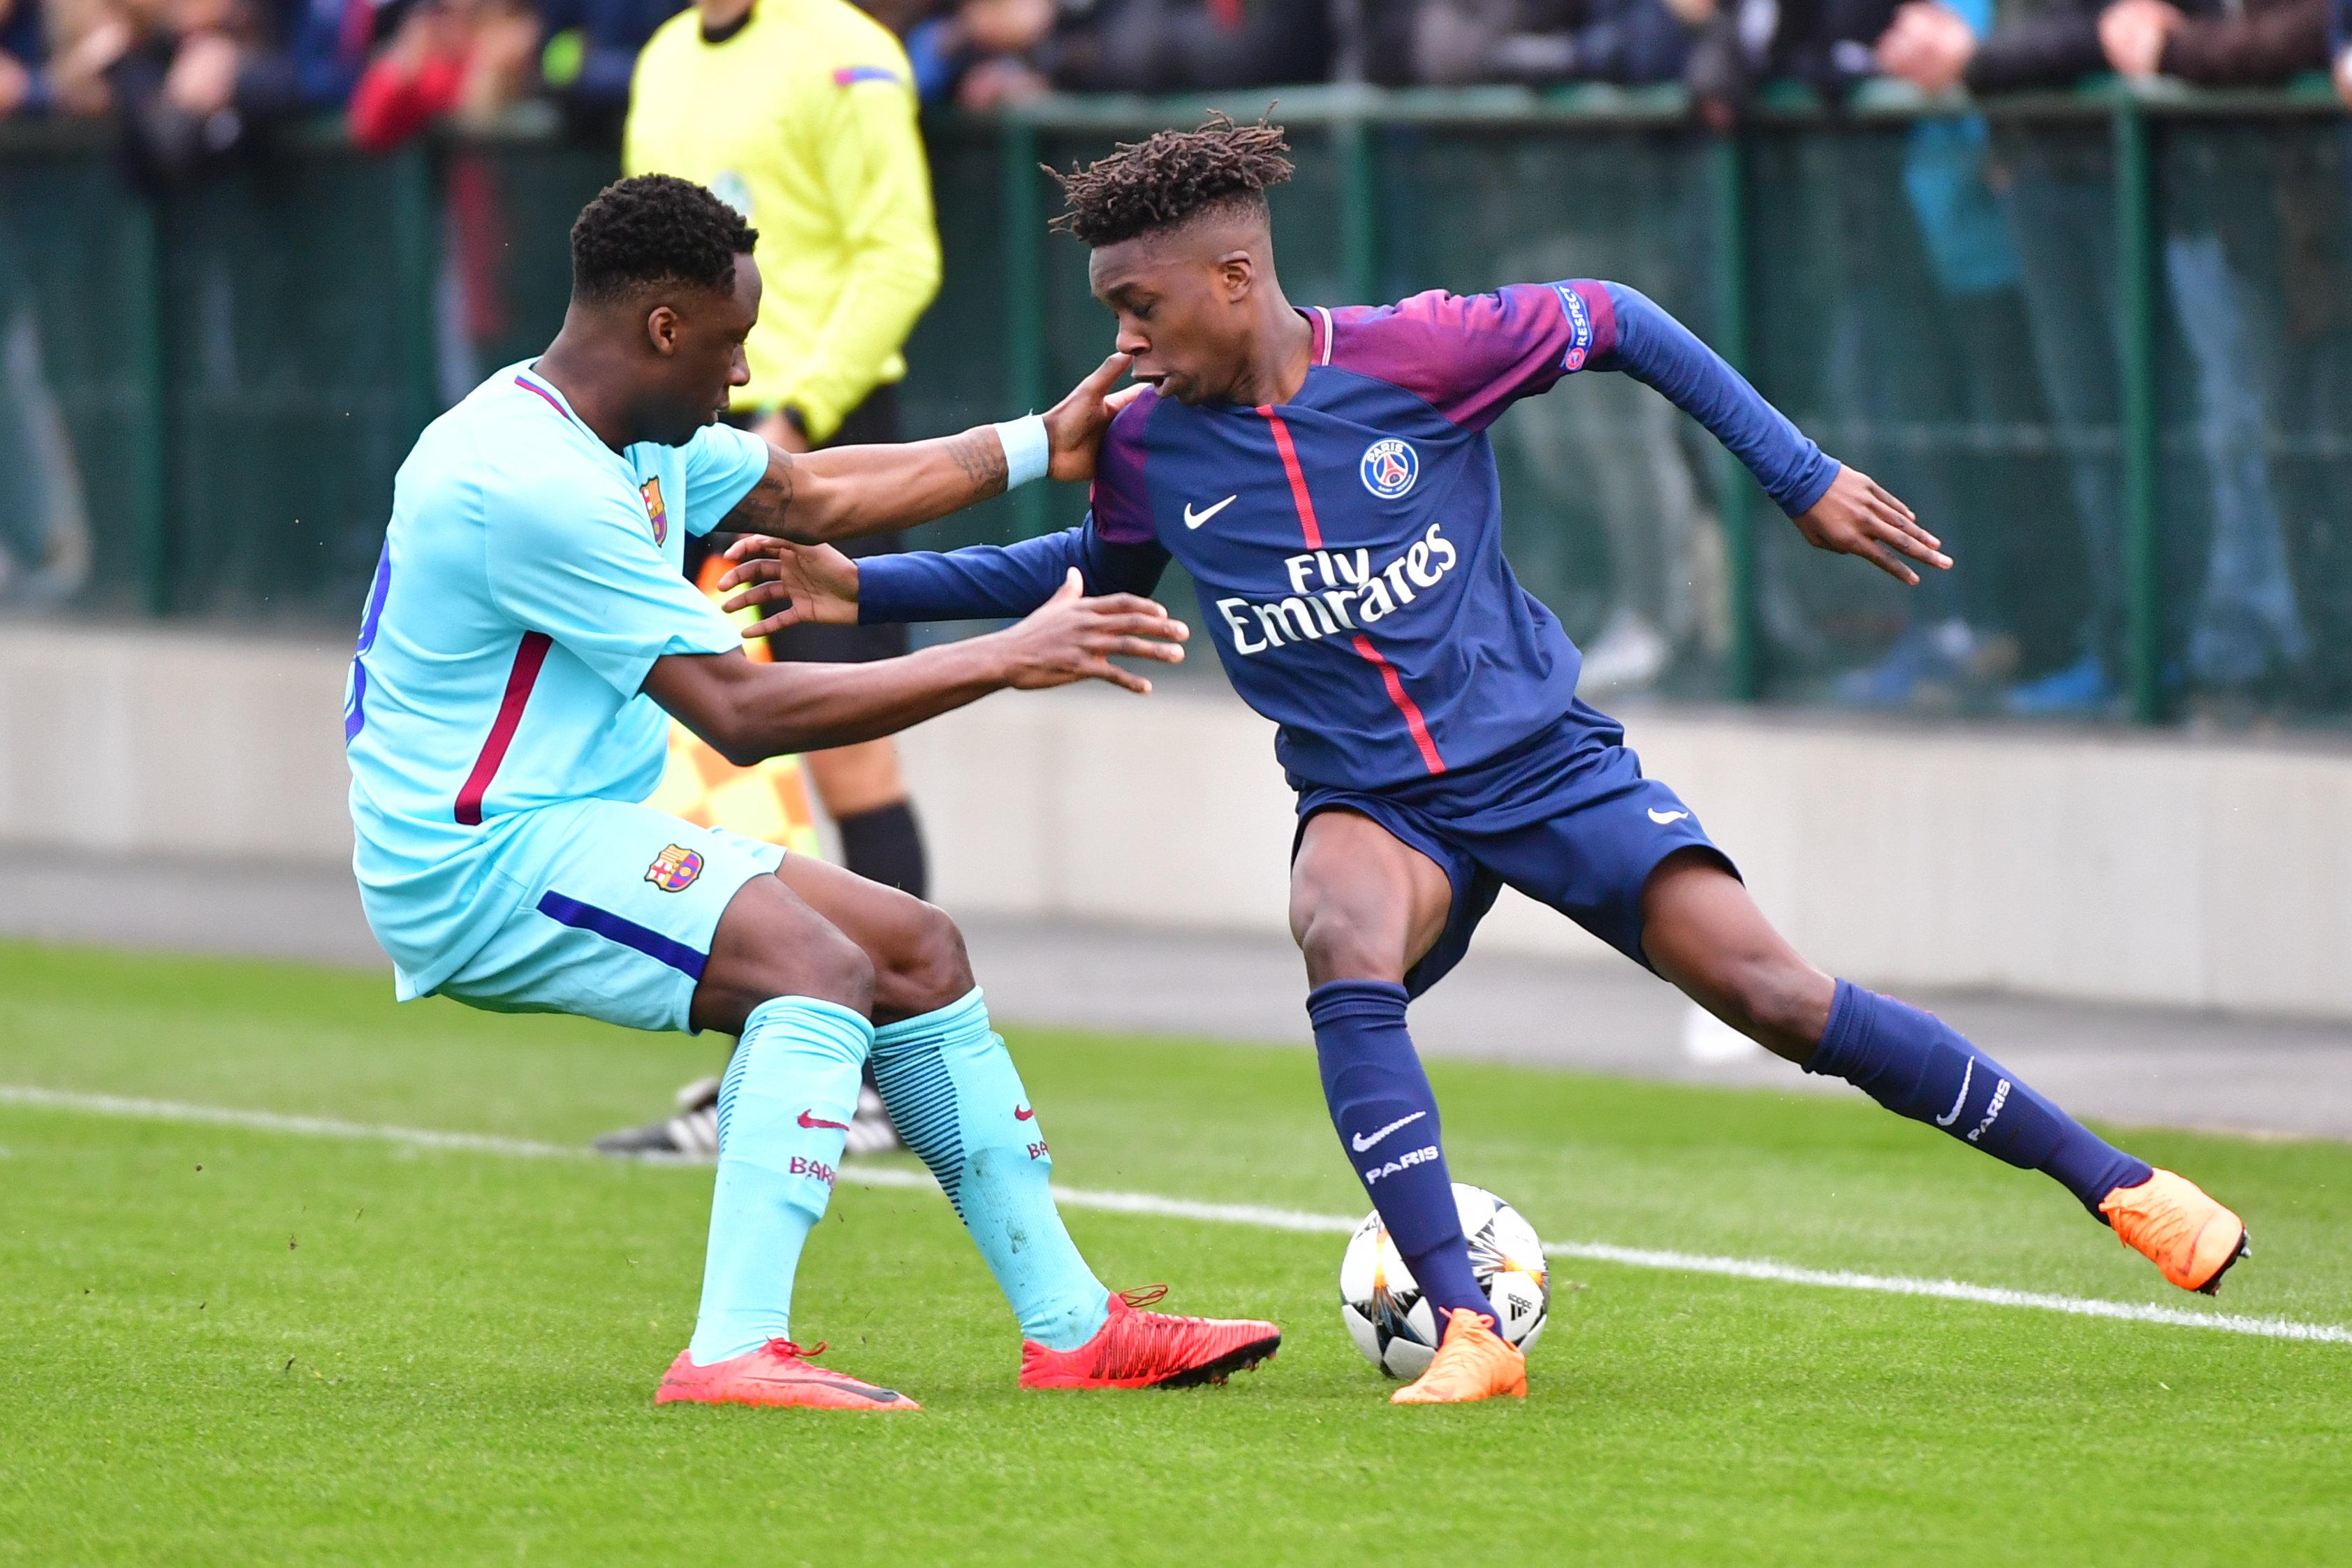 Paris Saint-Germain v FC Barcelona - Youth League U19